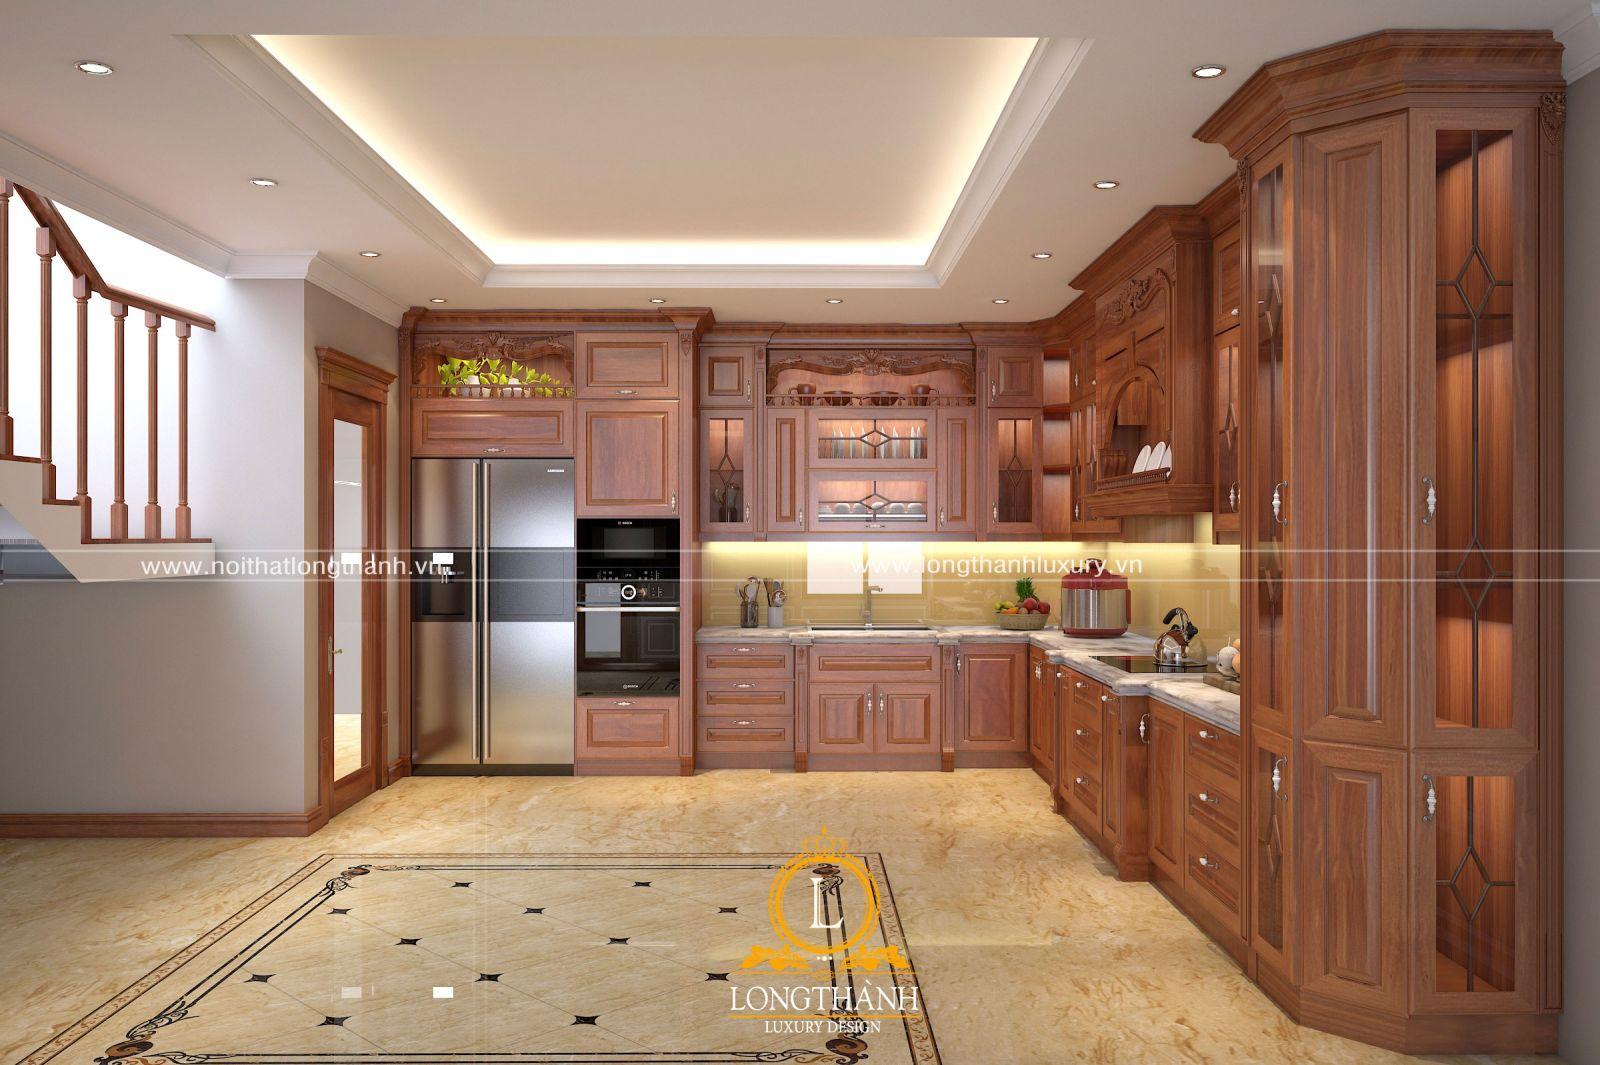 Tủ bếp kết hợp tủ rượu với chất liệu gỗ Gõ đỏ